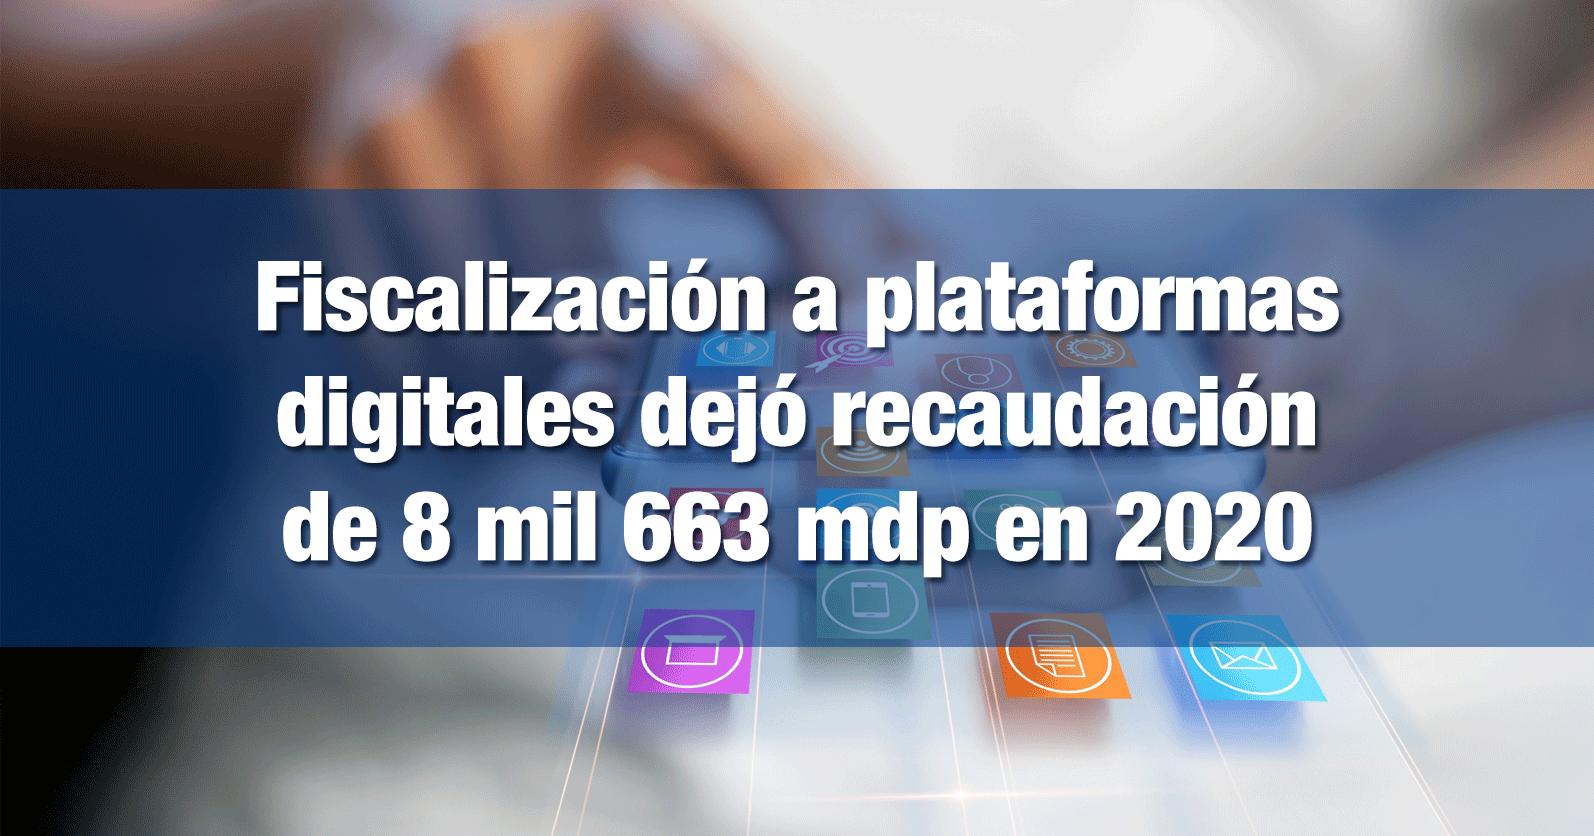 Fiscalización a plataformas digitales dejó recaudación de 8 mil 663 mdp en 2020